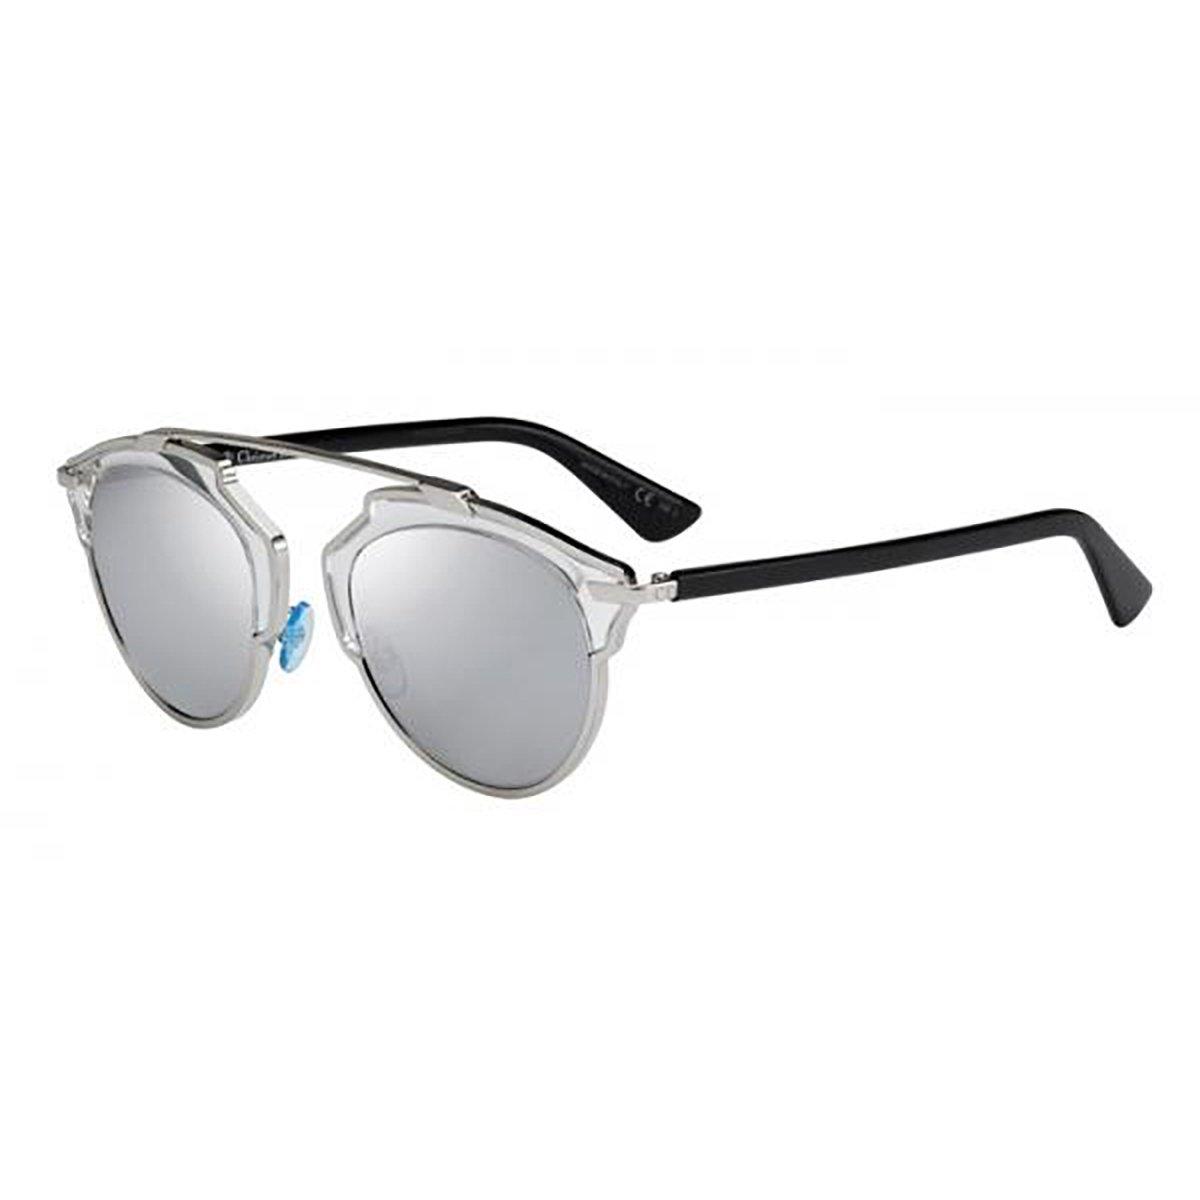 Compre Óculos de Sol Dior Soreal em 10X   Tri-Jóia Shop 35e1f75976